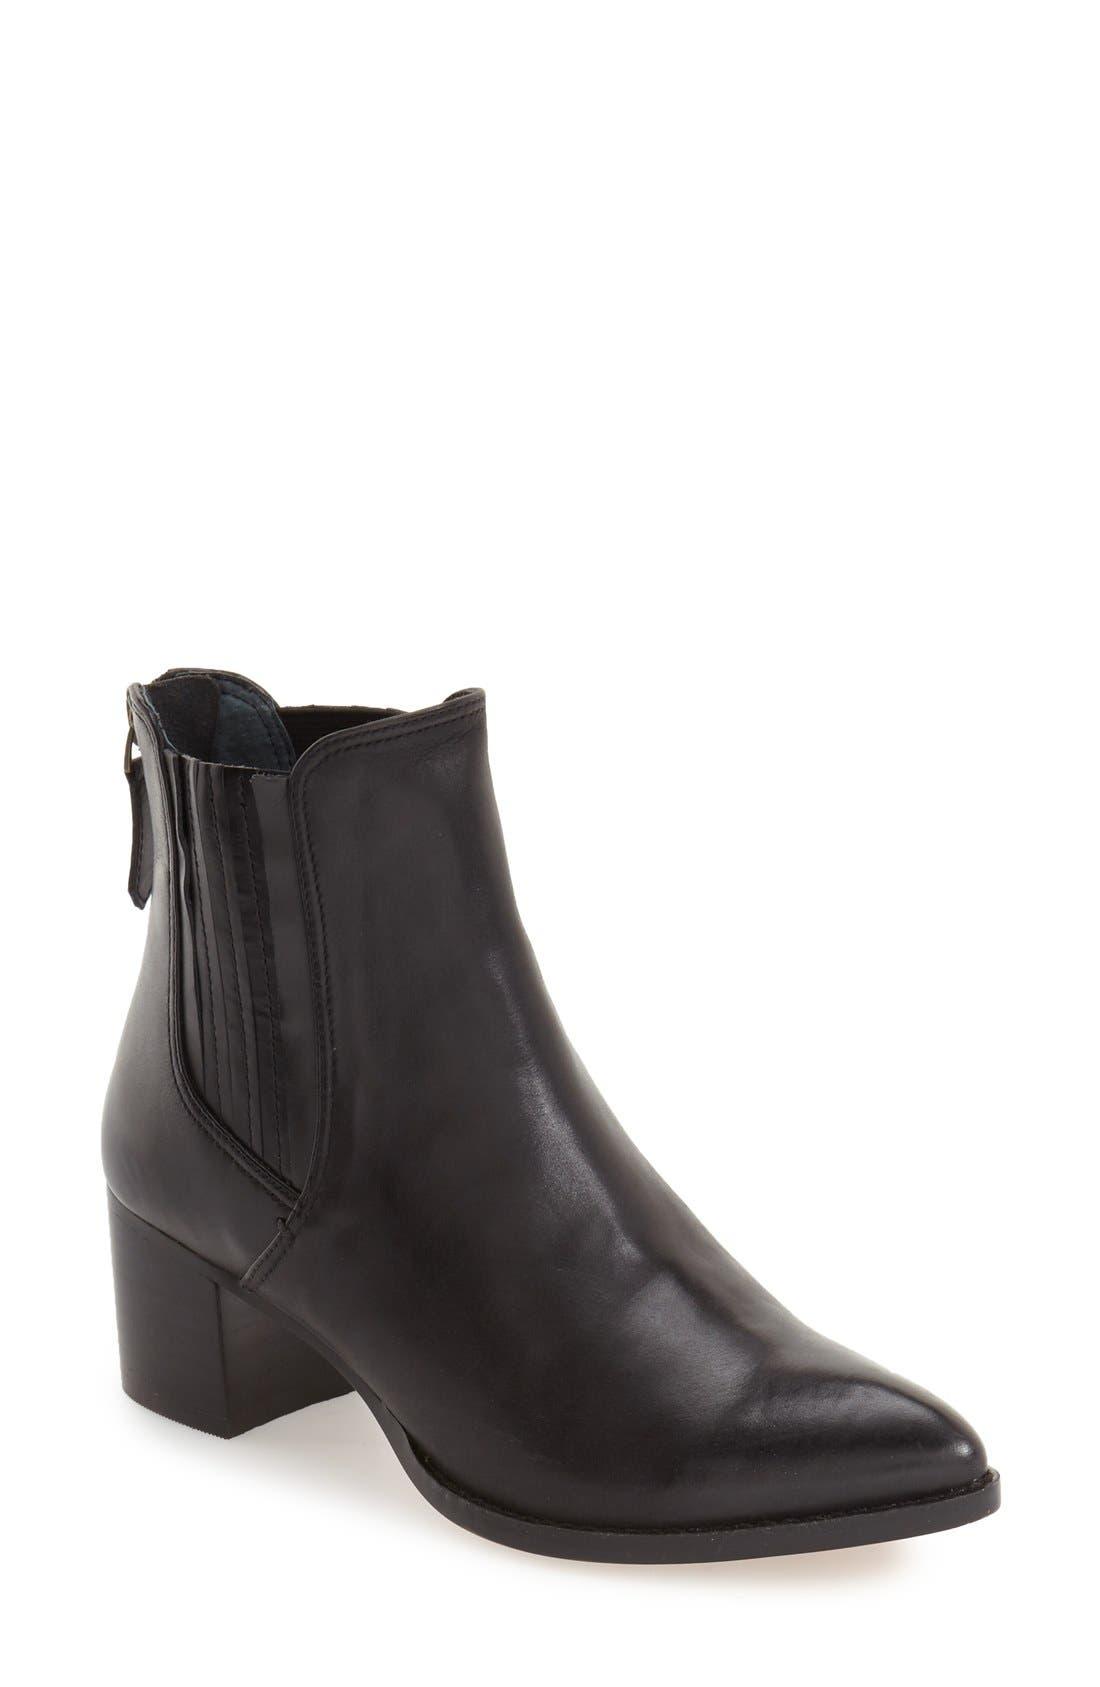 HALOGEN<SUP>®</SUP> 'Bailey' Pointy Toe Block Heel Bootie, Main, color, 001